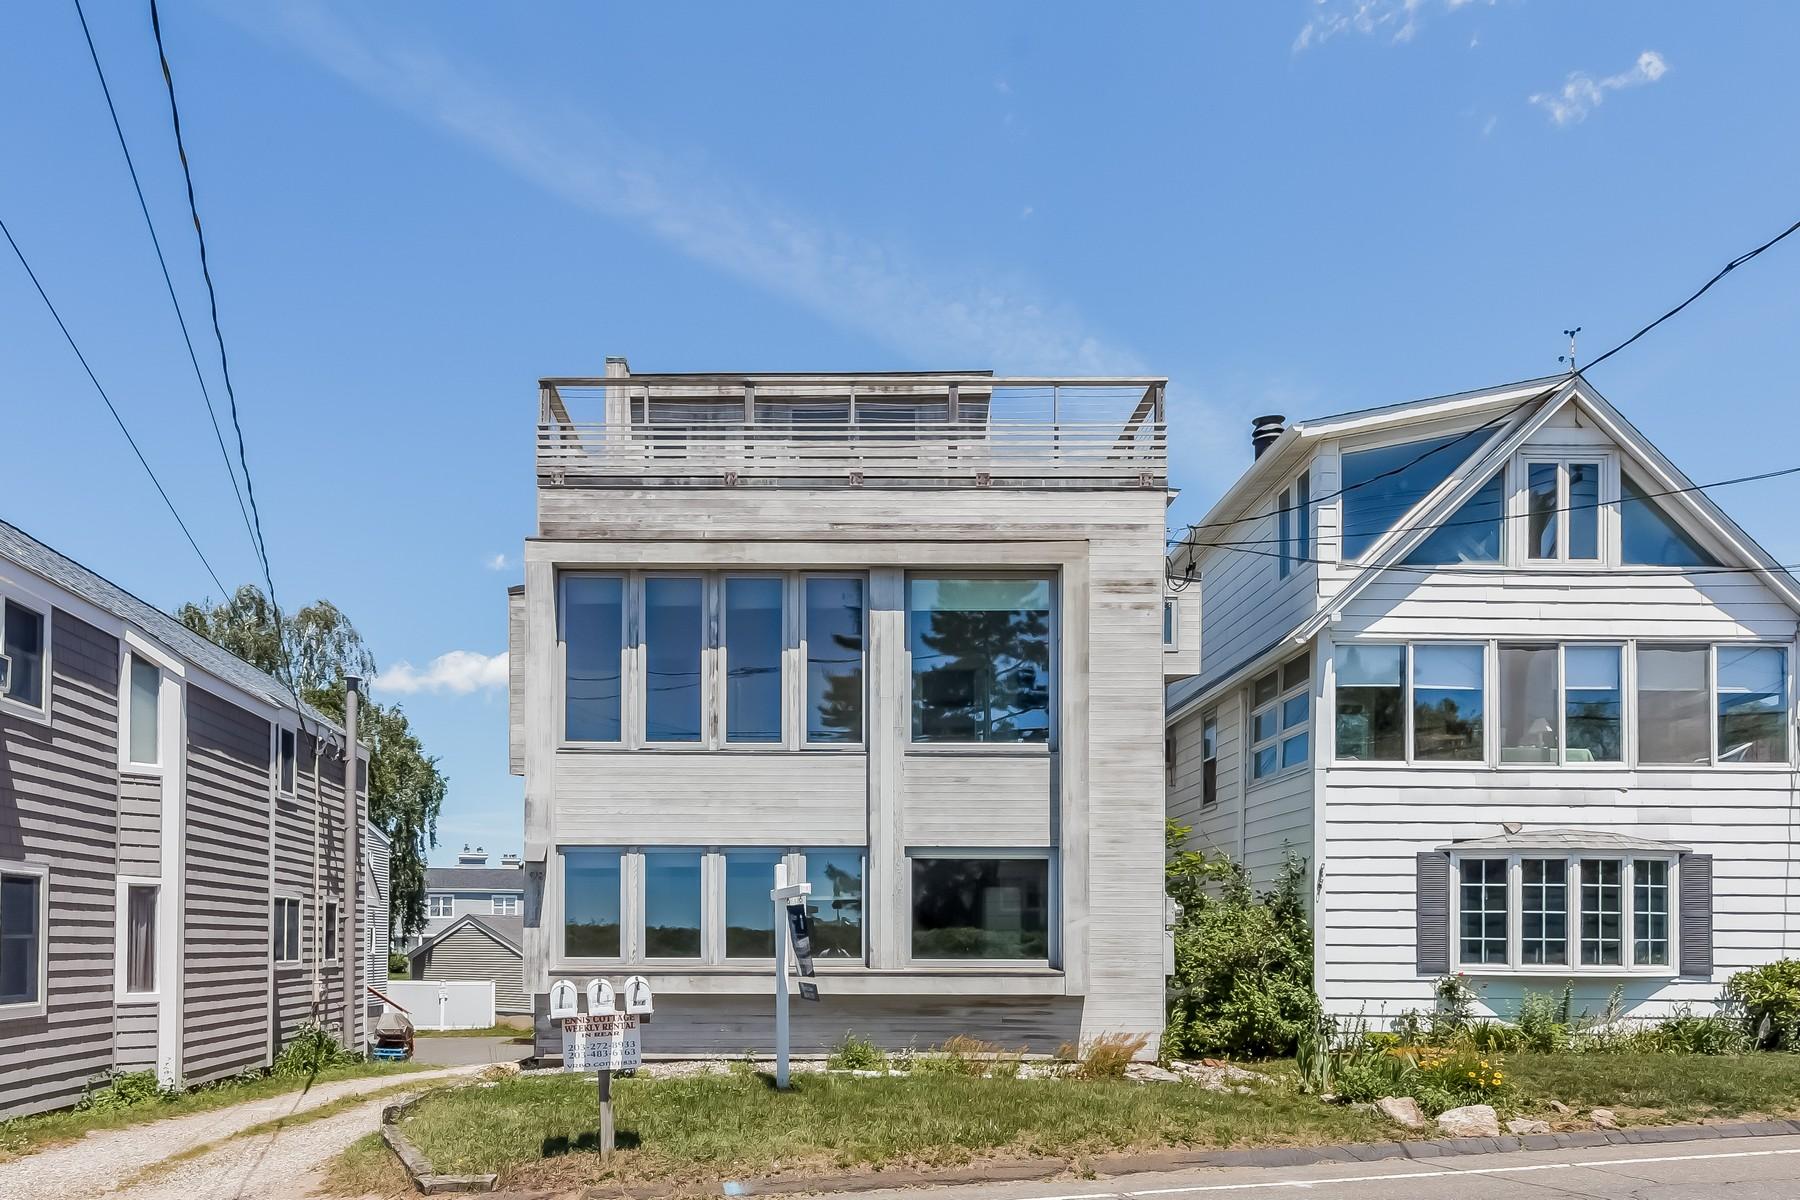 Maison unifamiliale pour l Vente à Stunning Views 98 Limewood Ave Branford, Connecticut, 06405 États-Unis